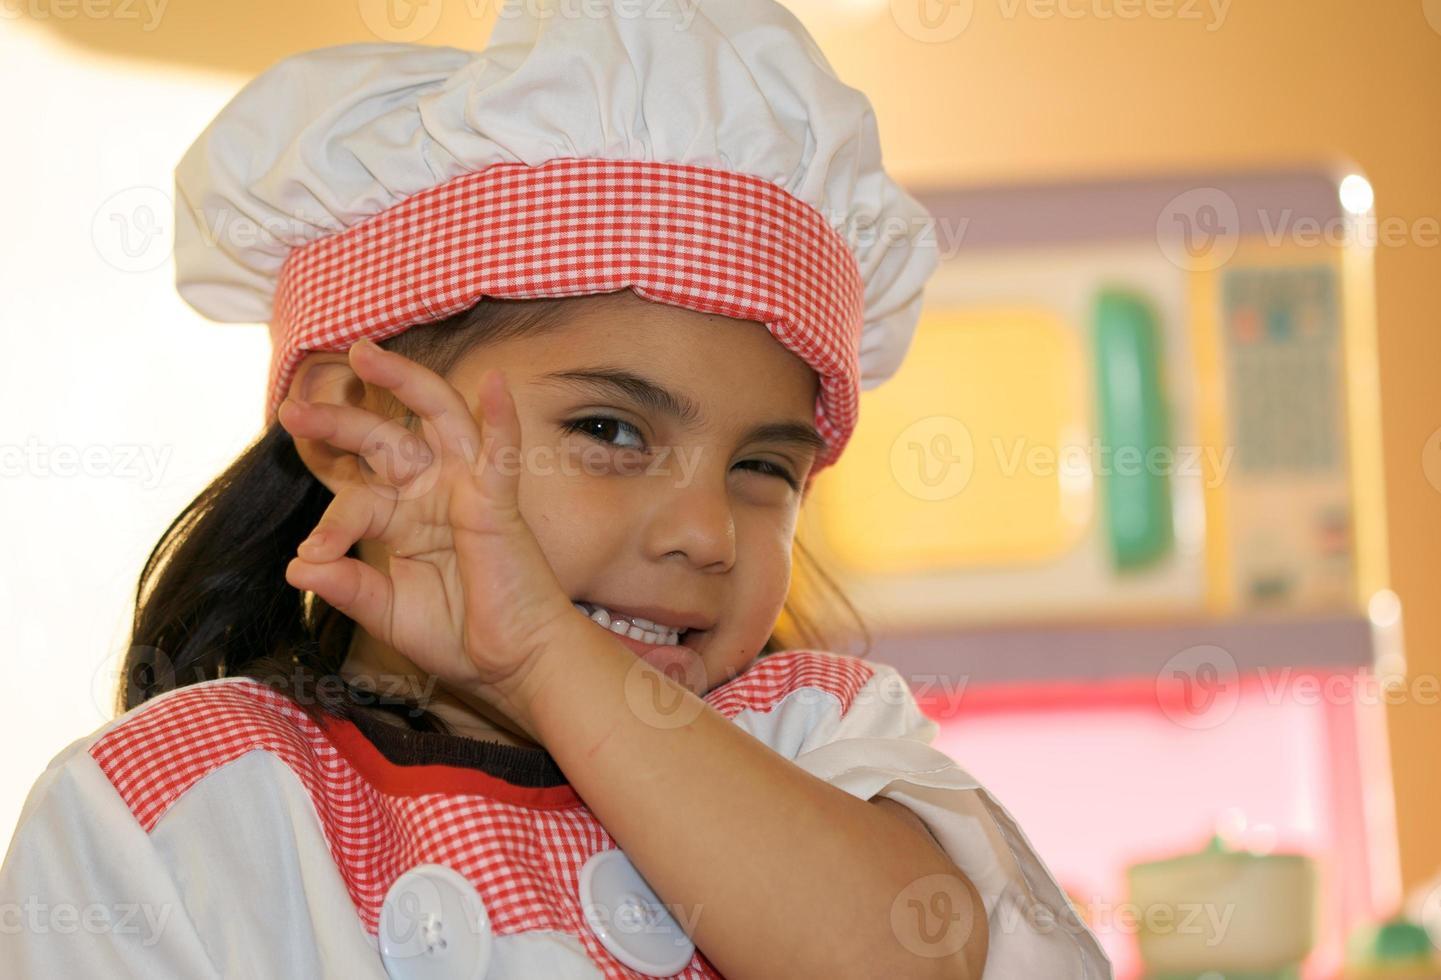 kleine chef foto